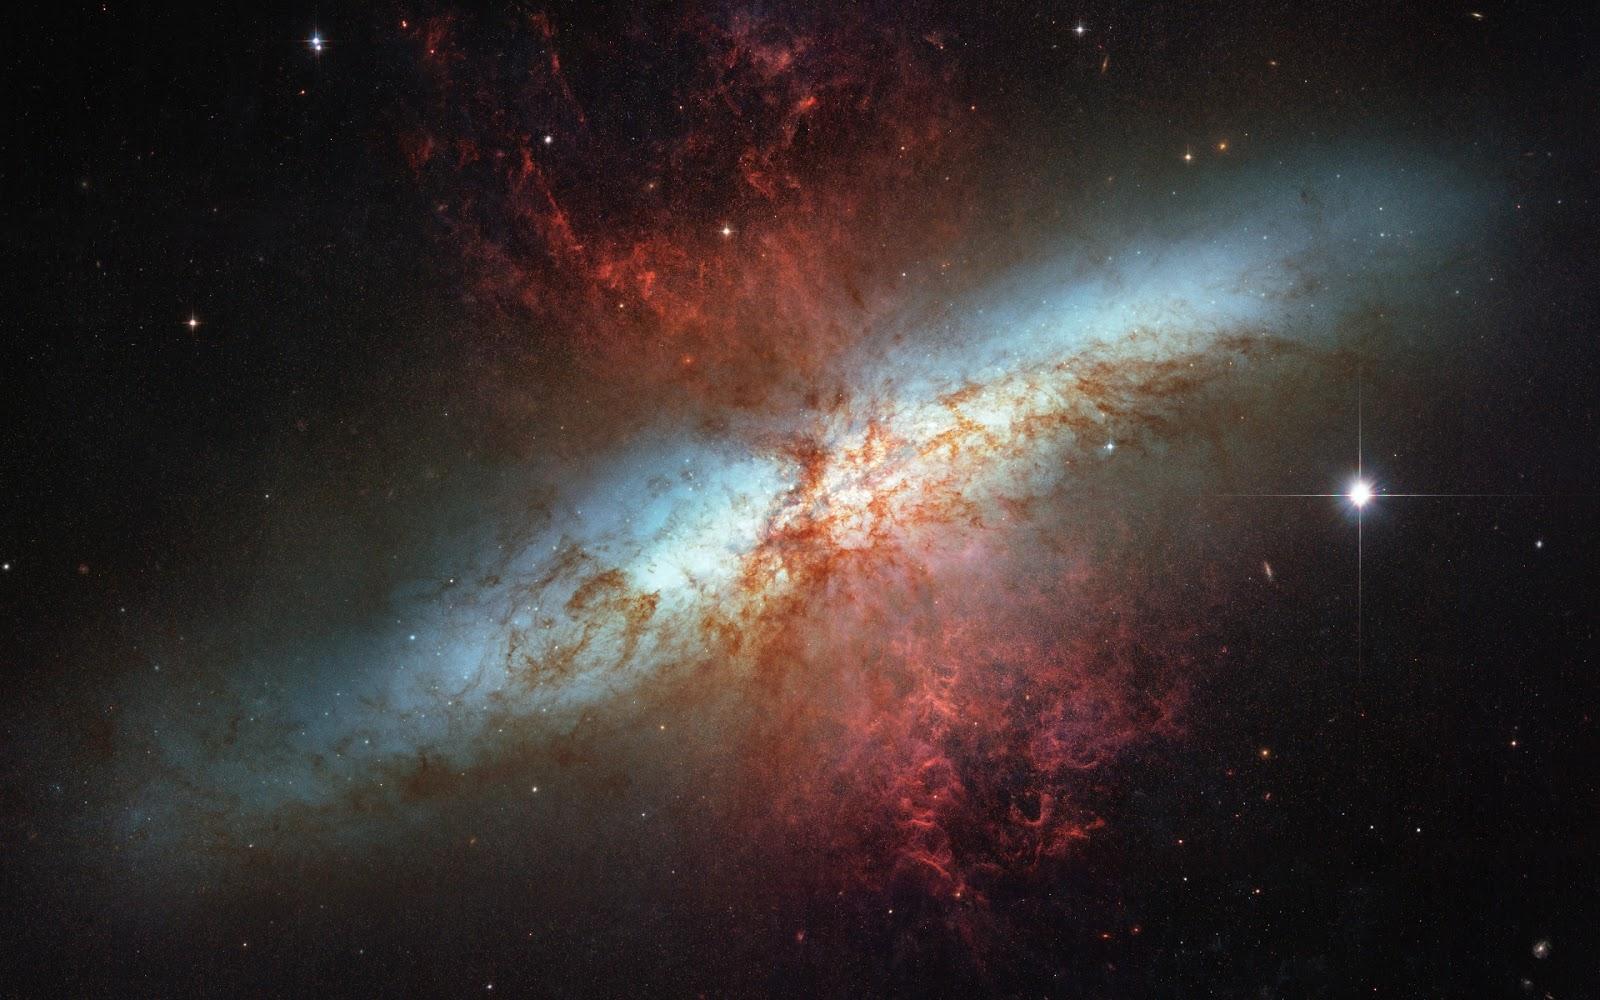 細かな模様の宇宙画像